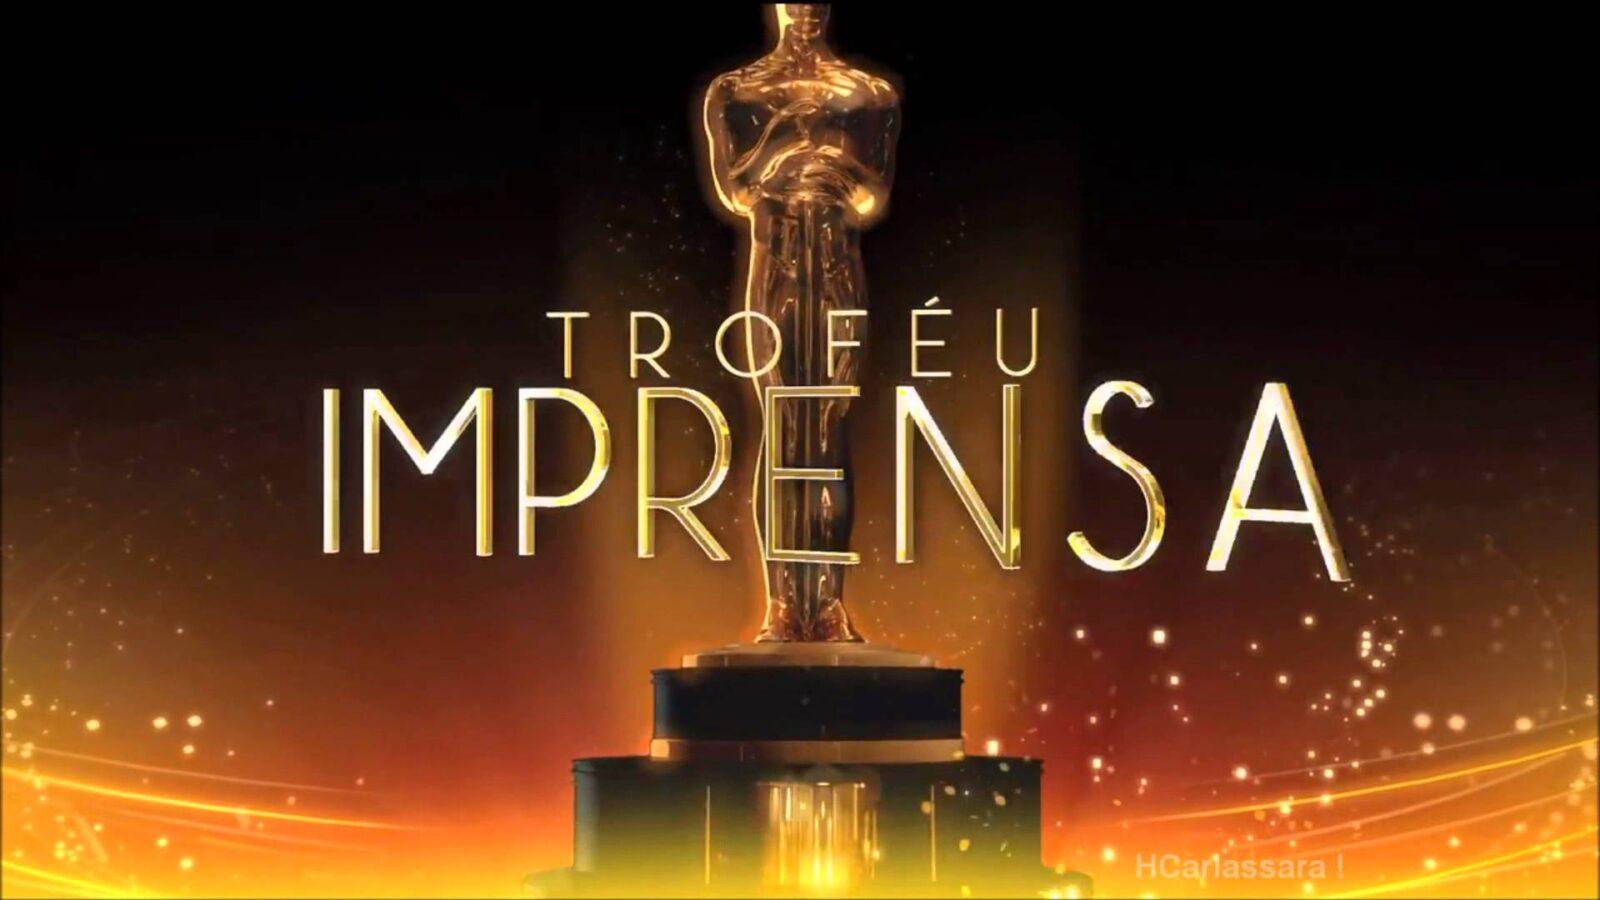 Troféu Imprensa 2018